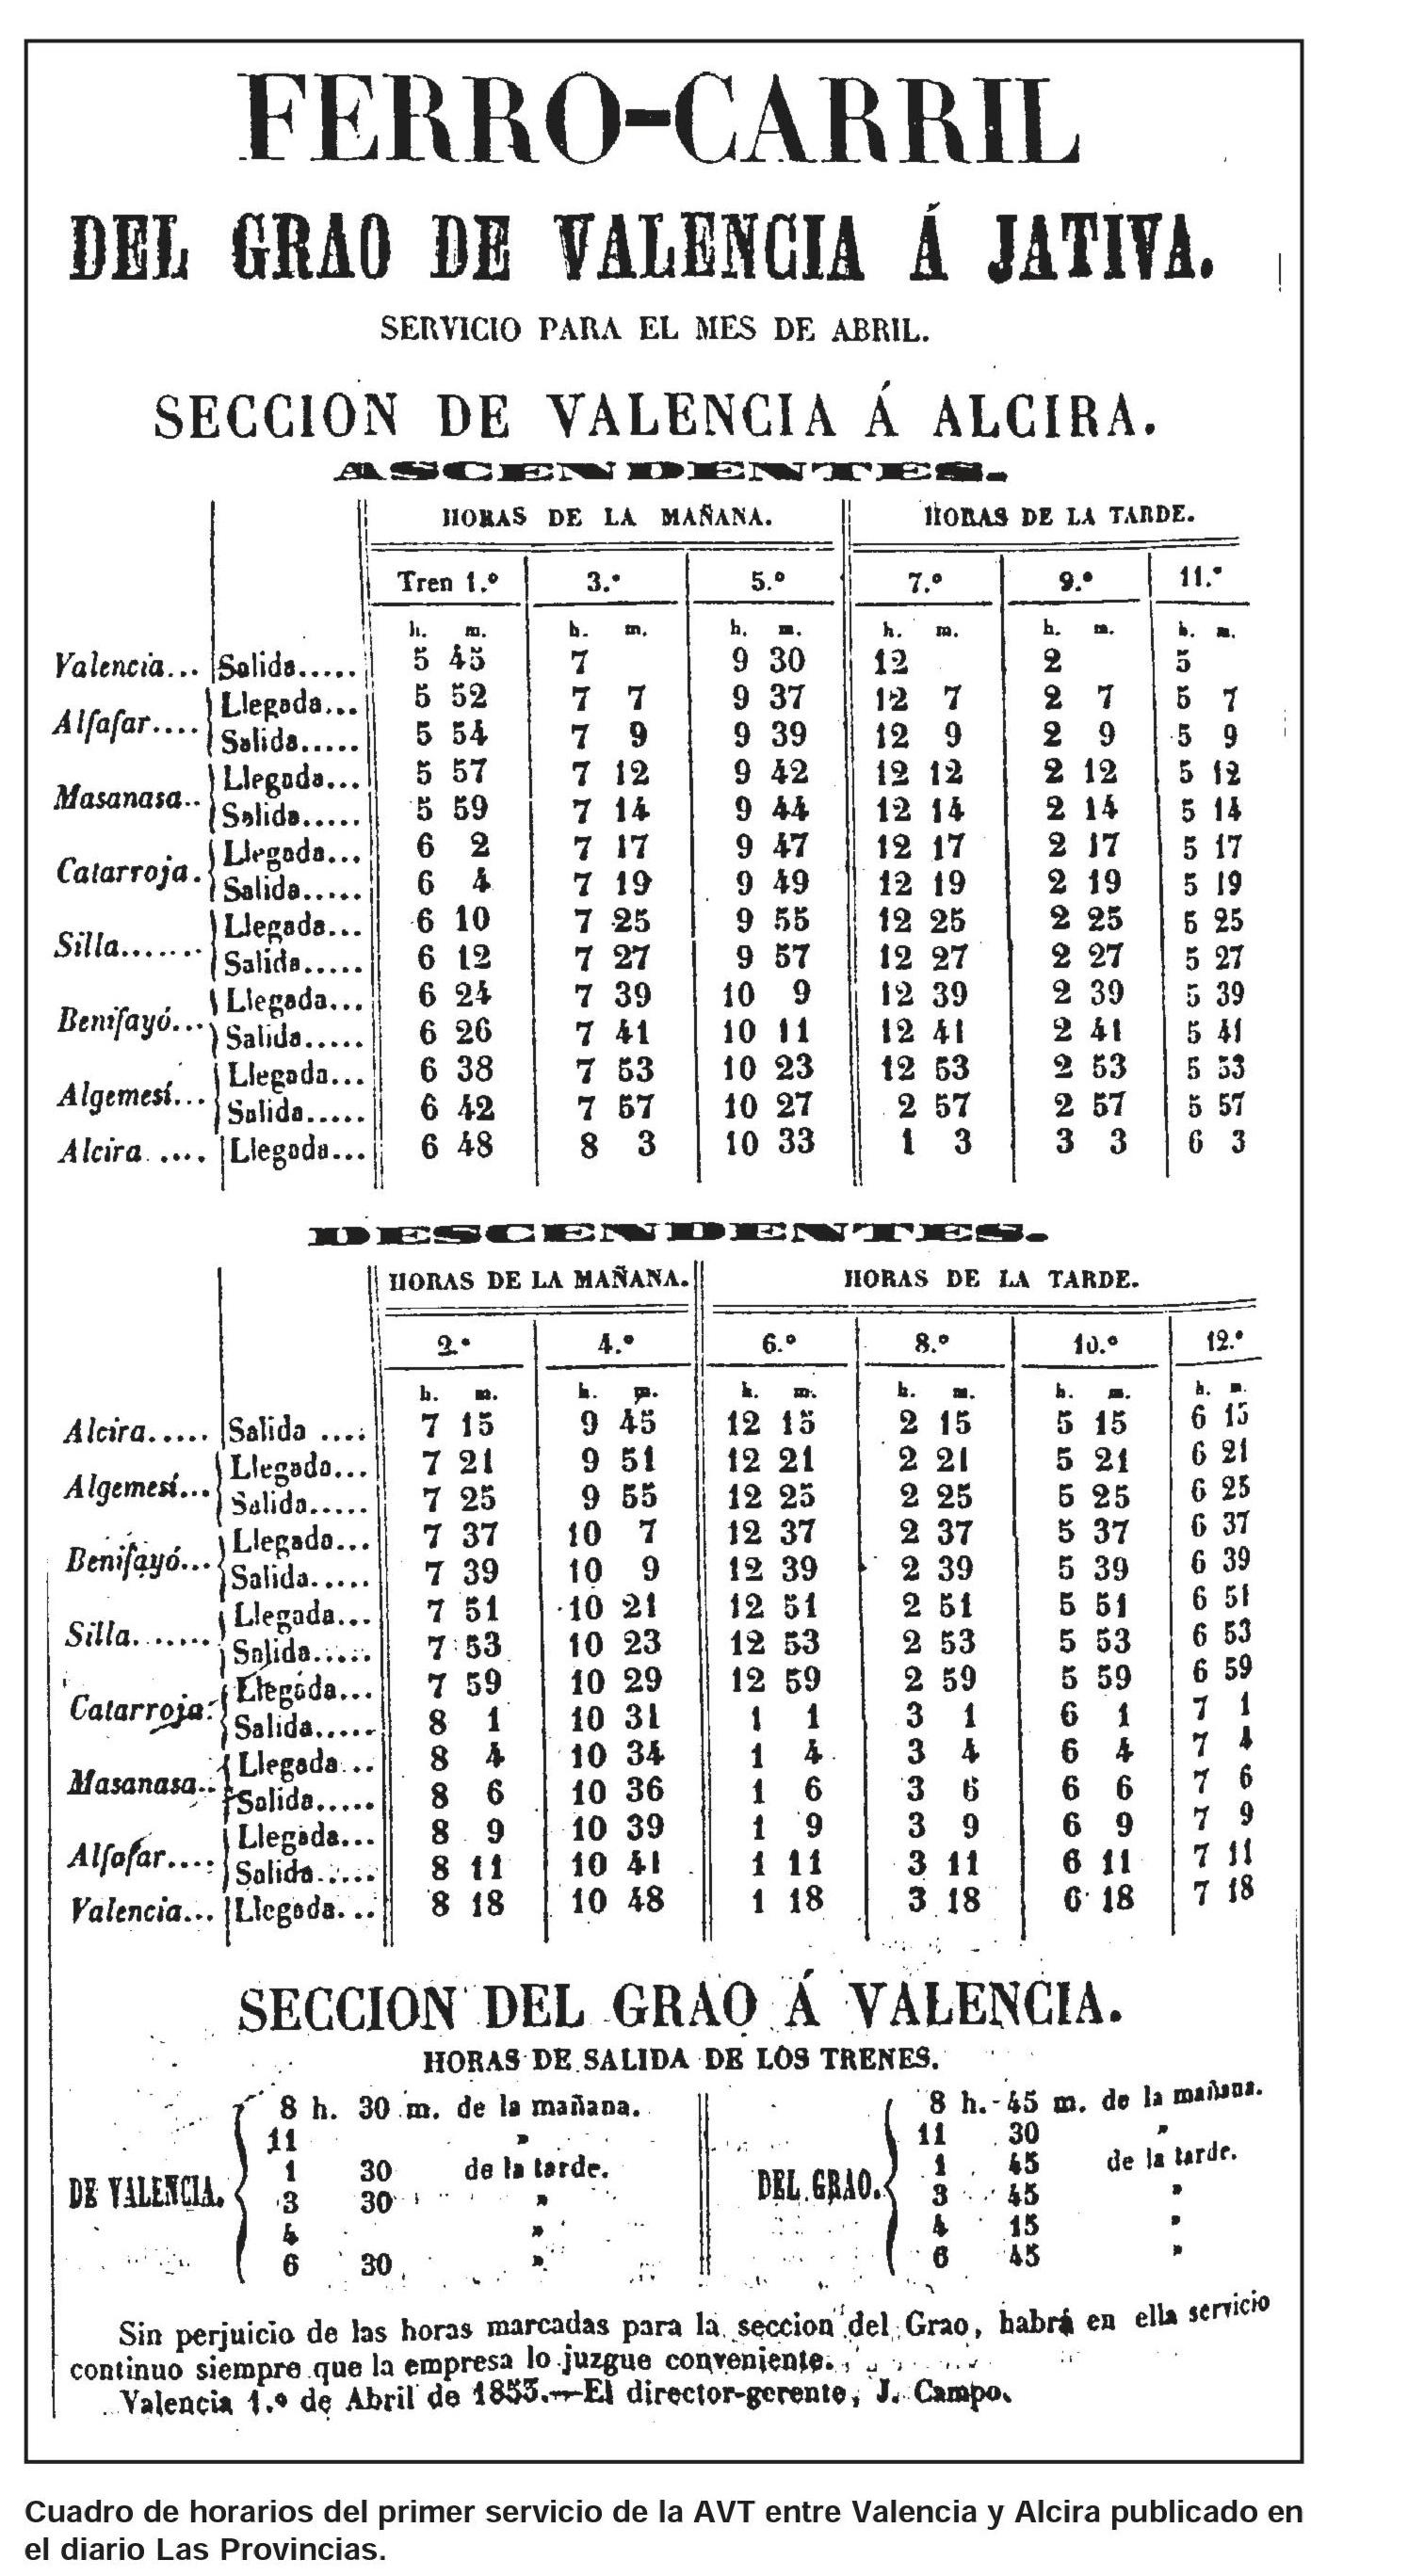 Recorte de Las Provincias, Abril de 1853